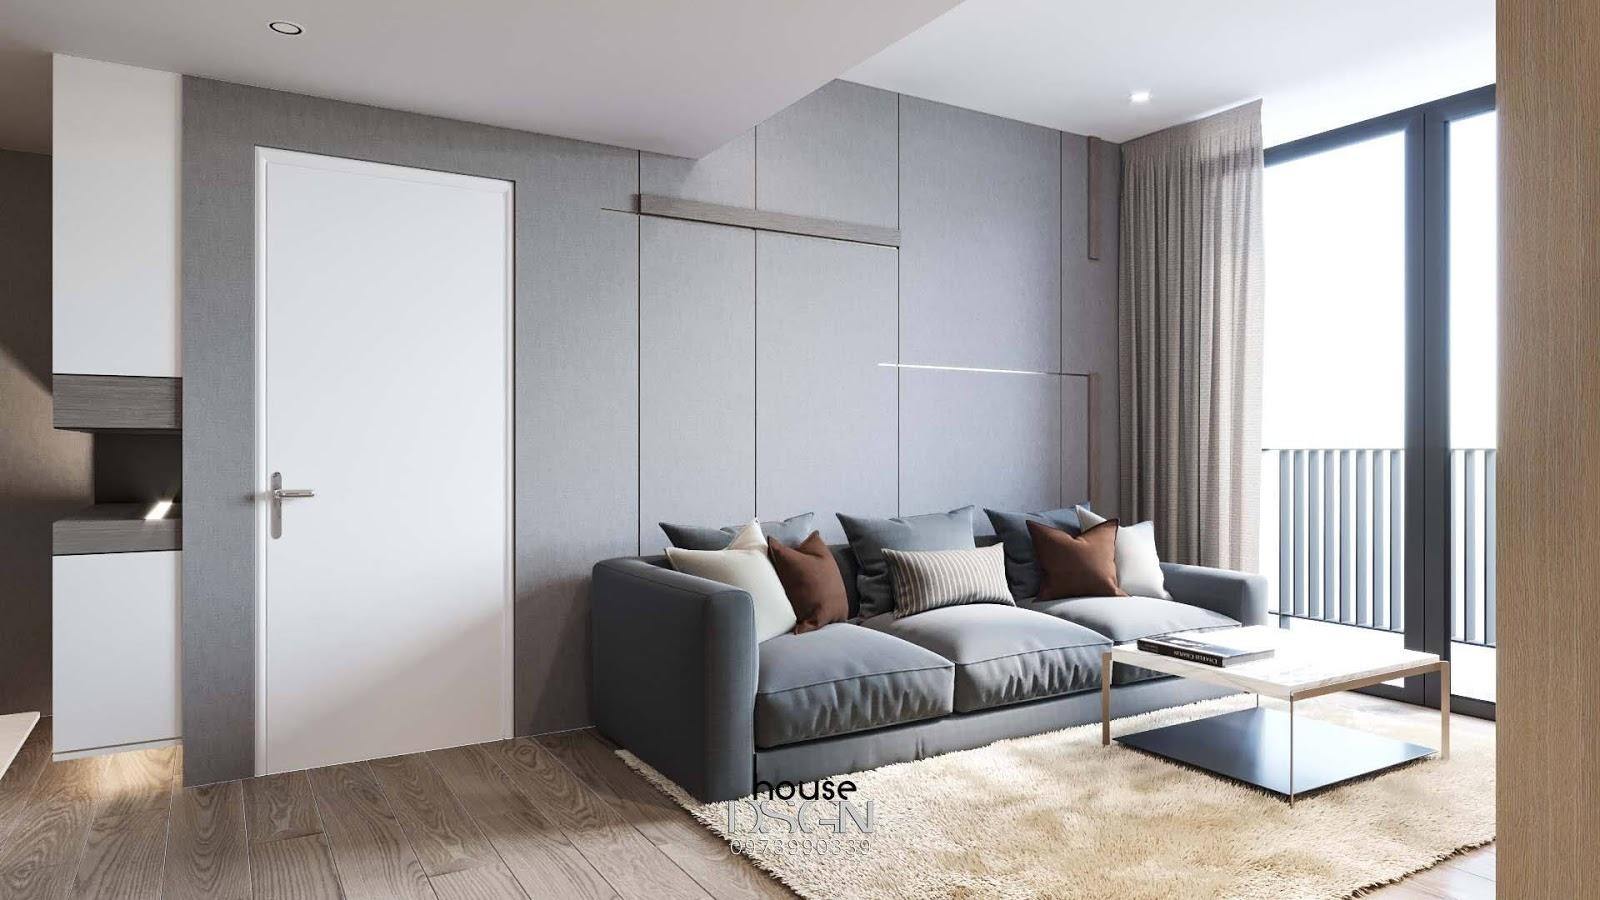 nội thất chung cư phòng khách tiện lợi